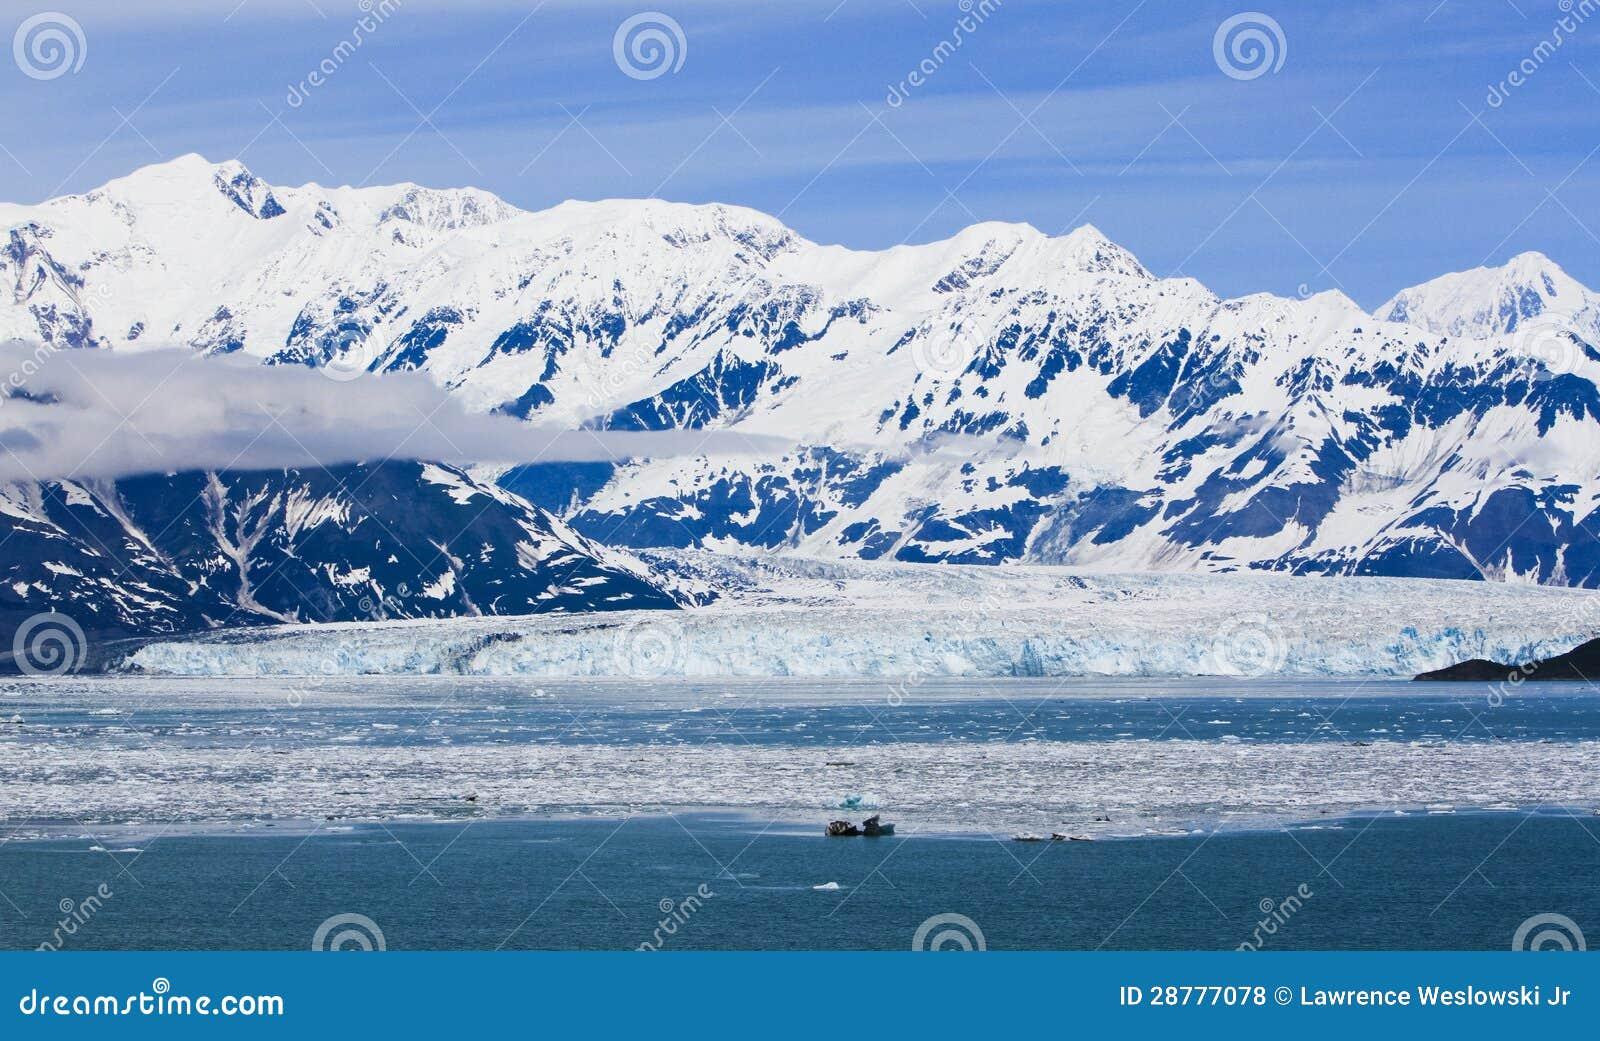 Alaska Hubbard Glacier and Mountains